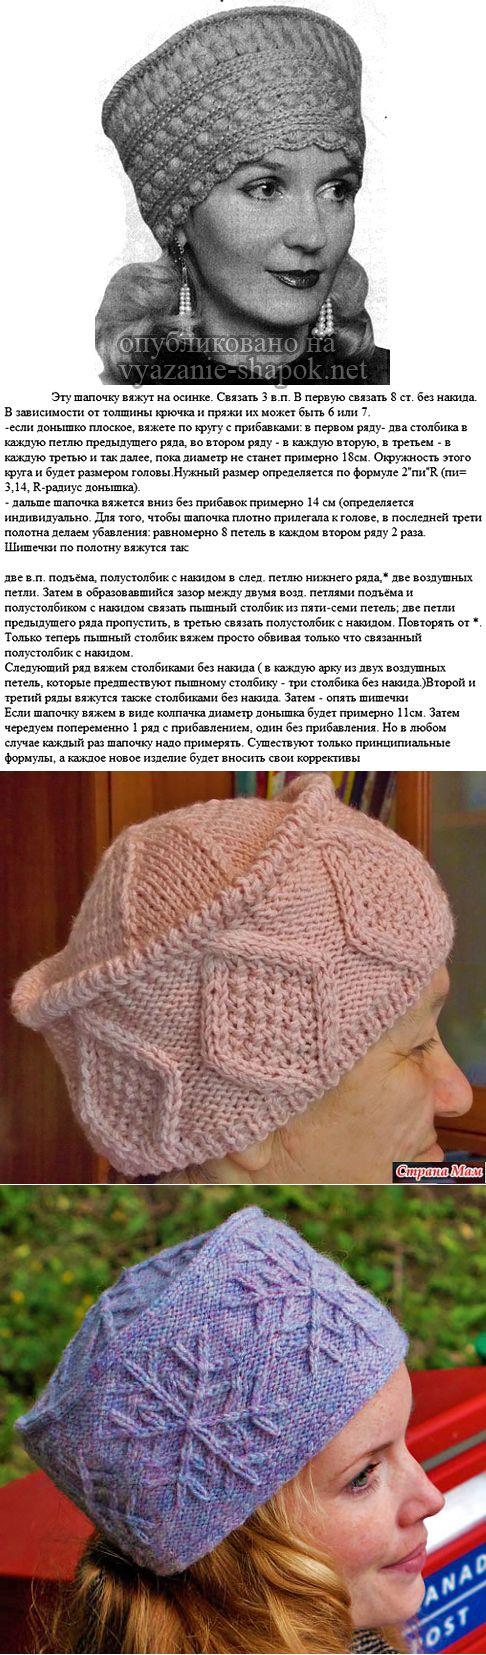 вязание шапки зверюшки схемы